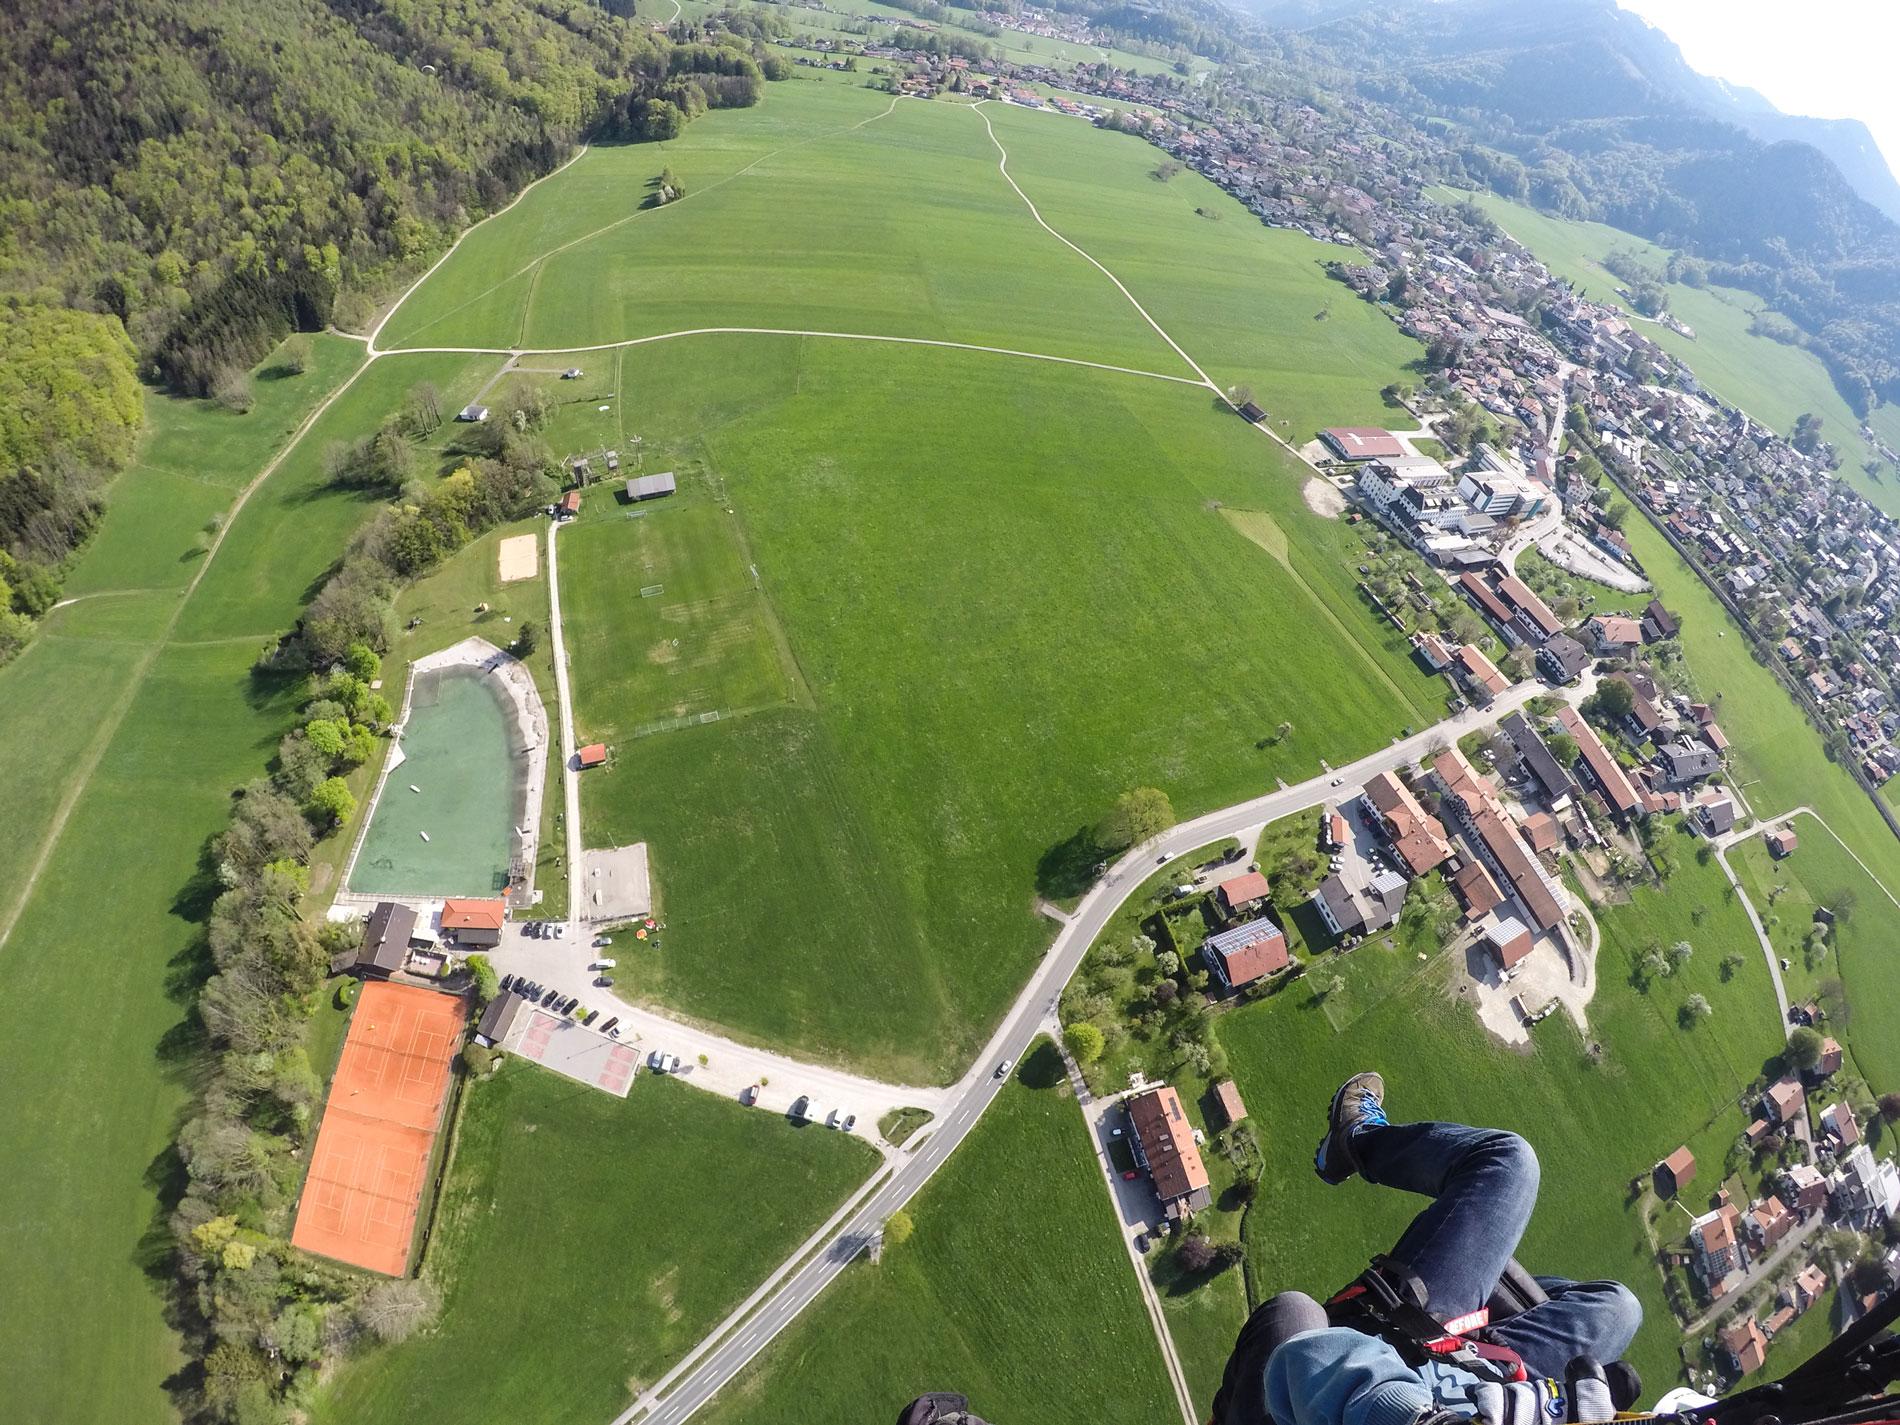 Landeplatz Aschau Tandemfliegen Chiemgau